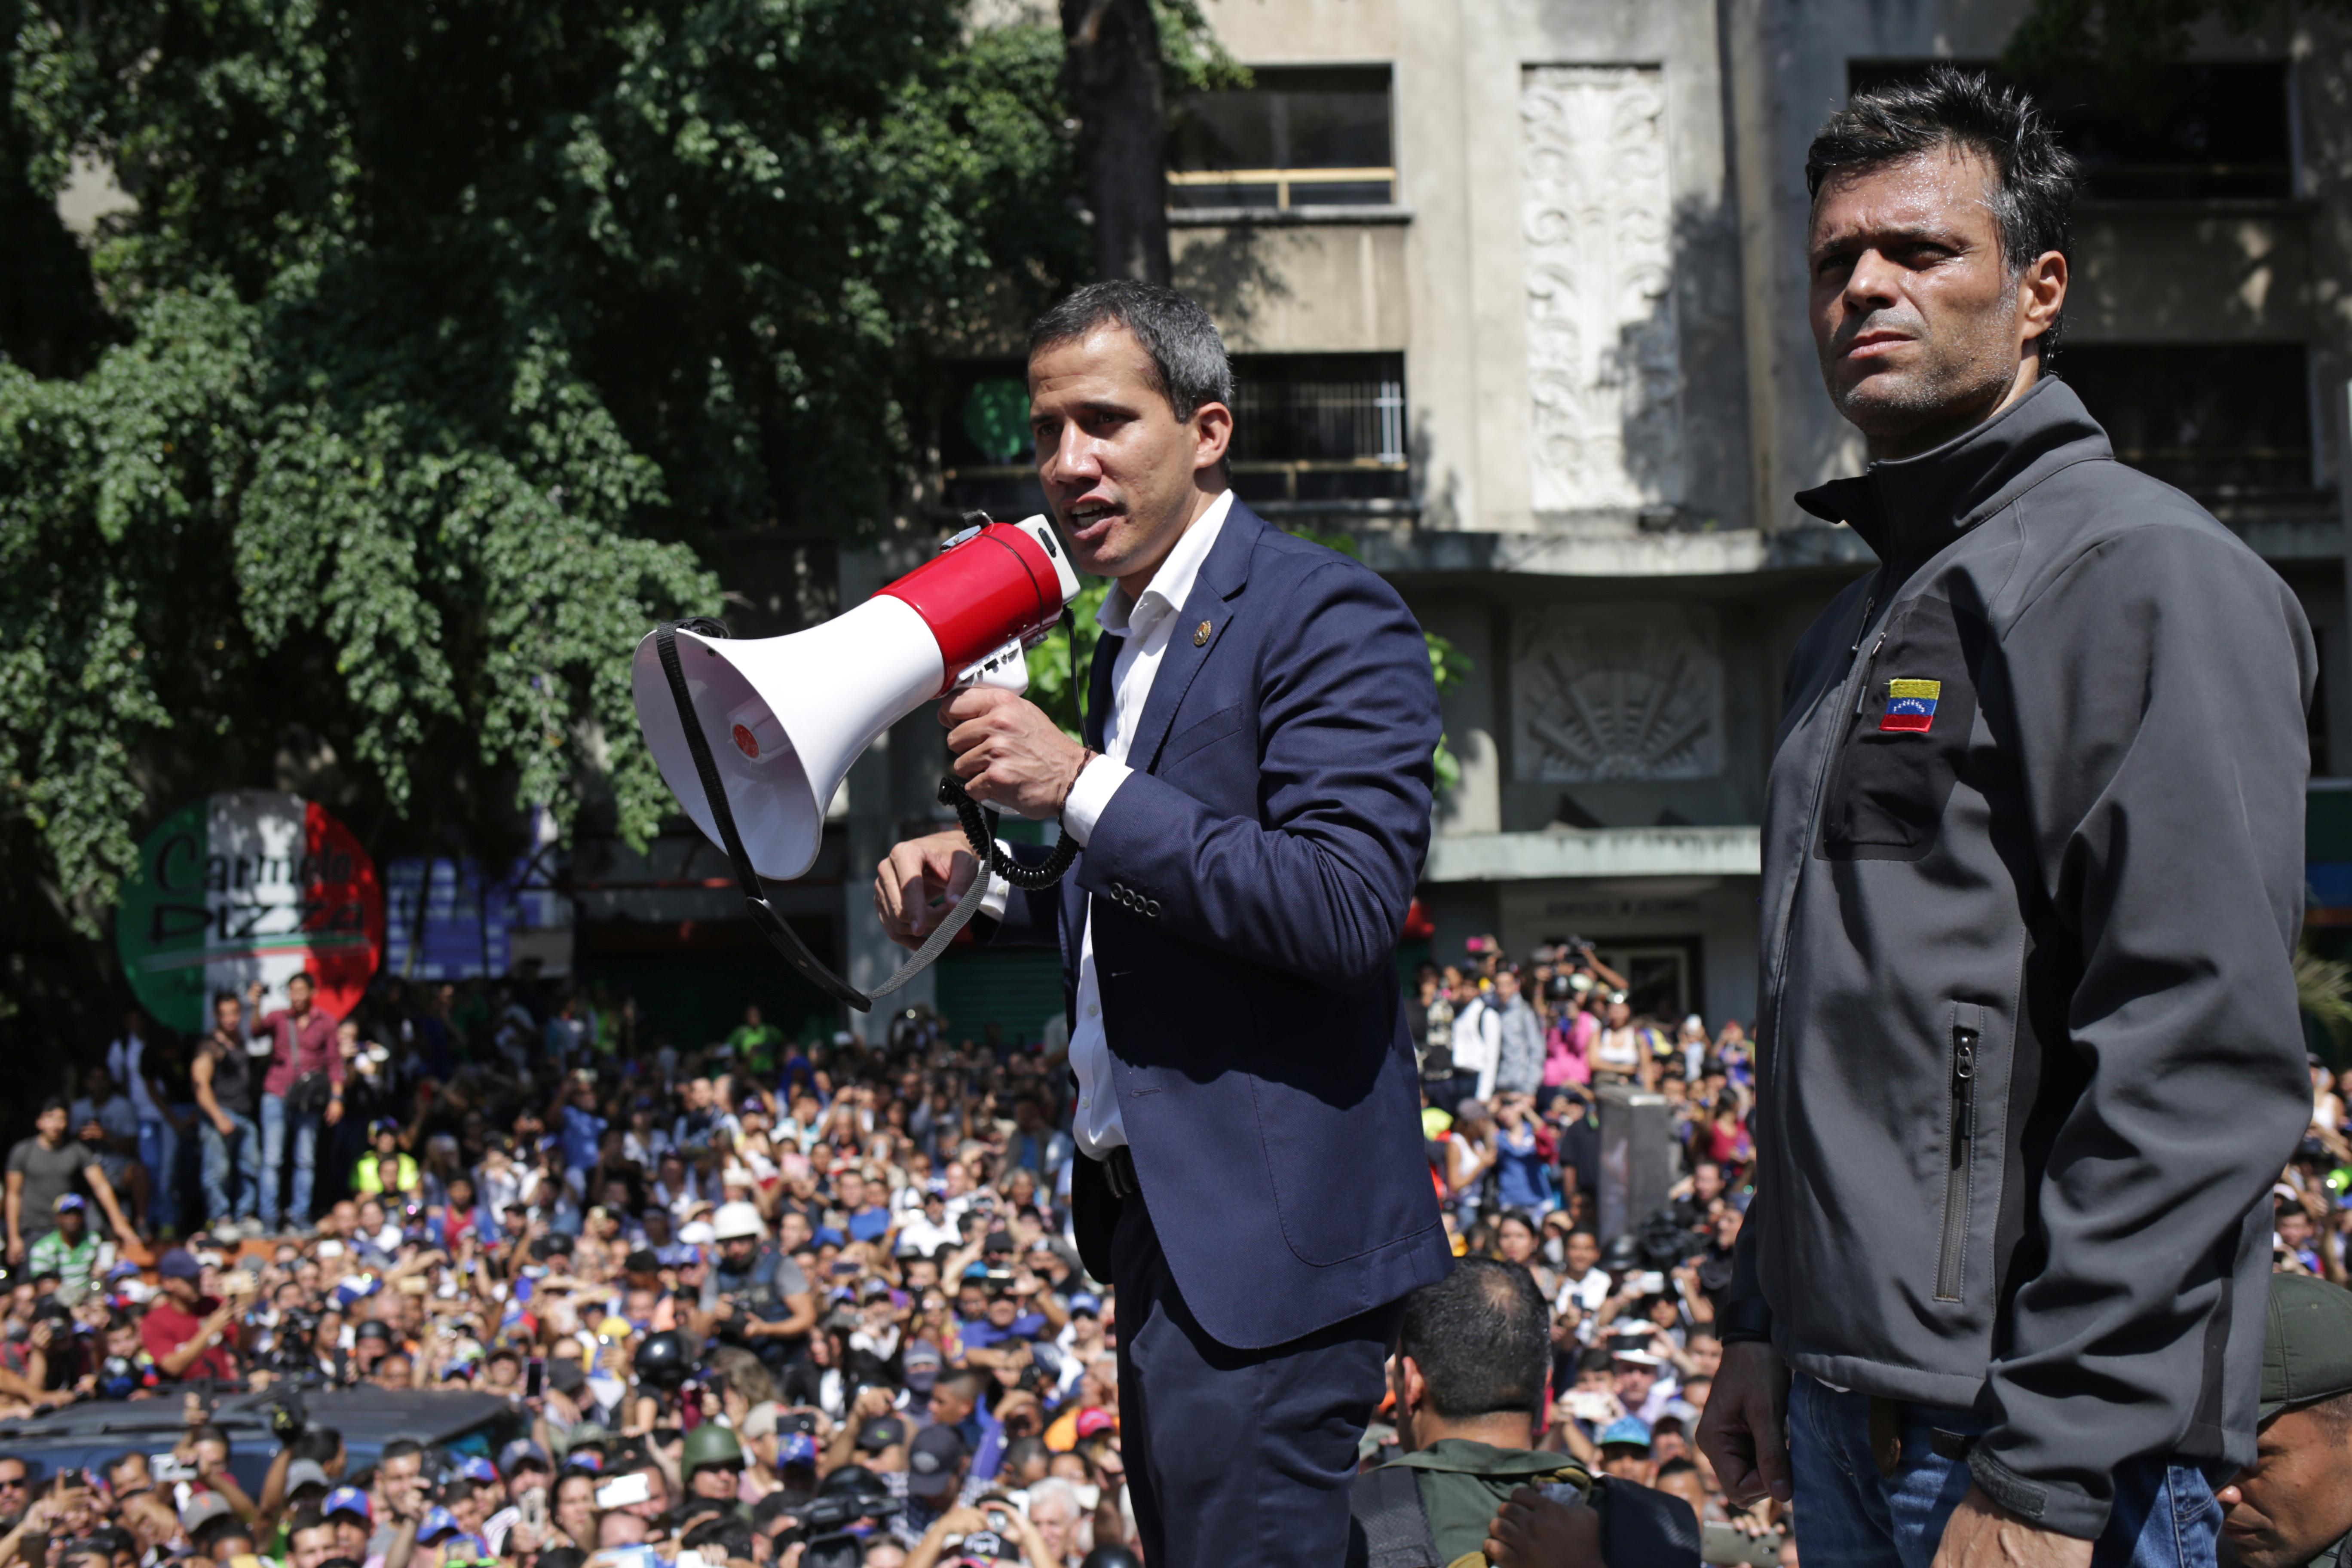 瓜伊多:周三進行有史以來最大規模抗議